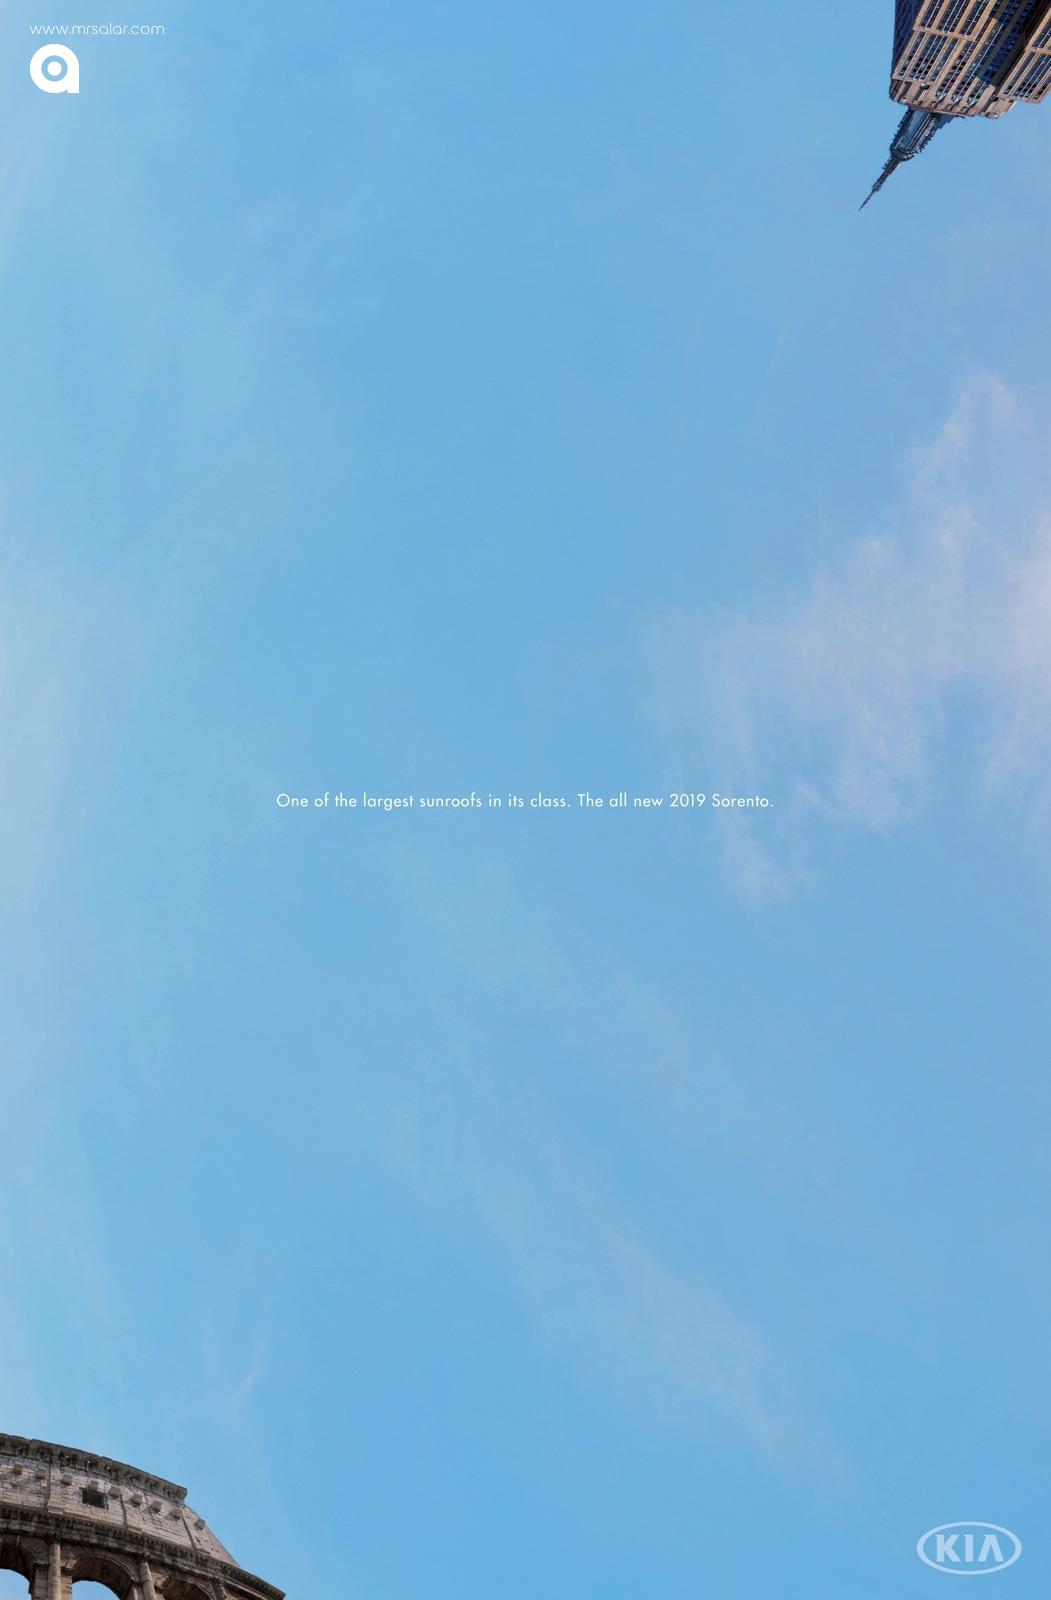 تصویر تبلیغاتی کیا: نمایی وسیعتر از دنیا ۲